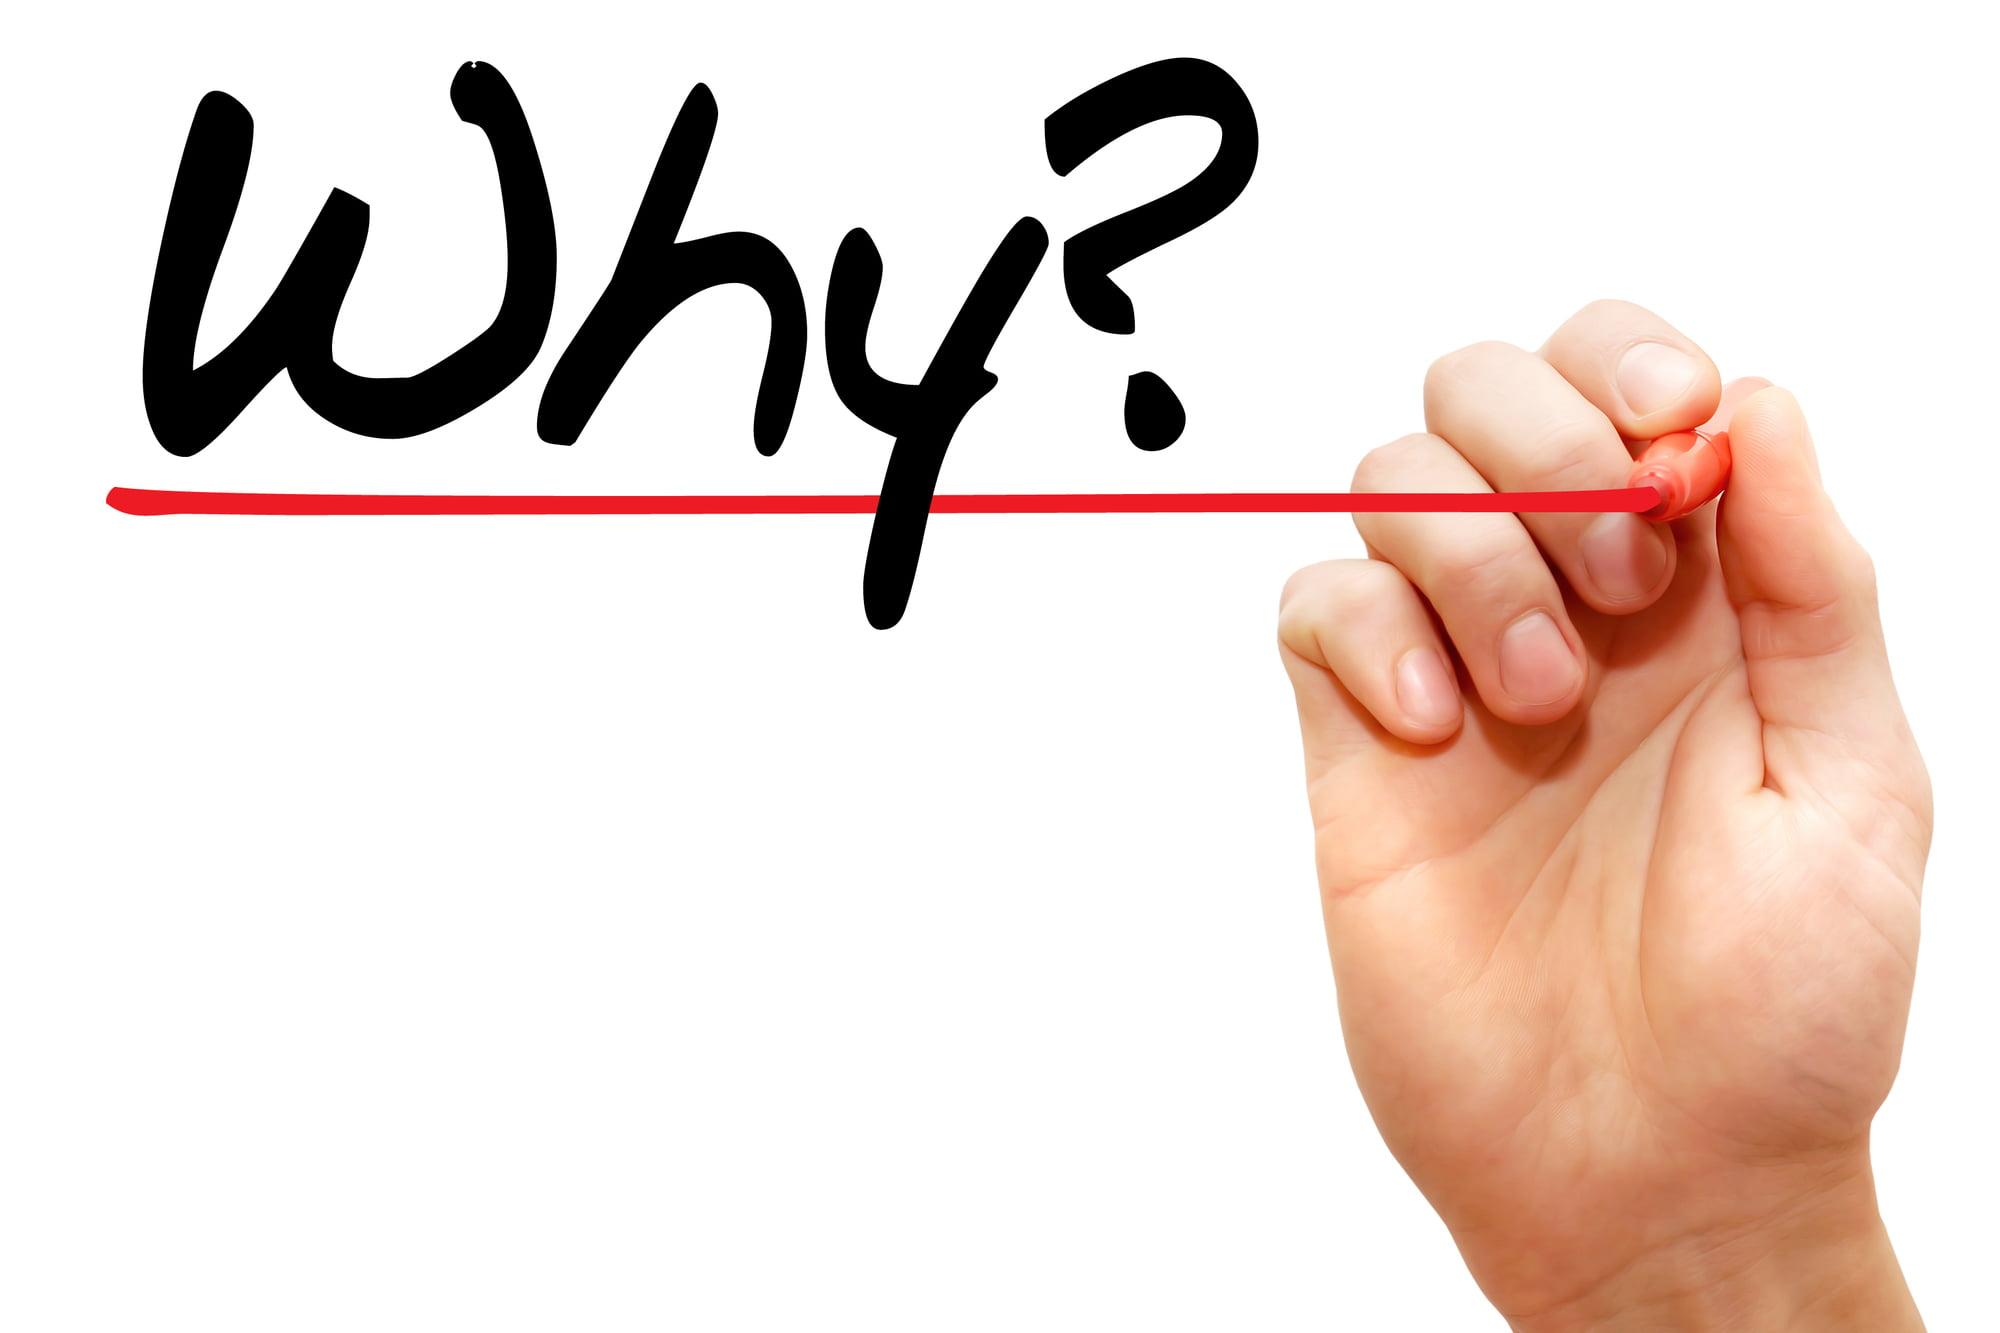 派遣-「Why」という手書きの文字